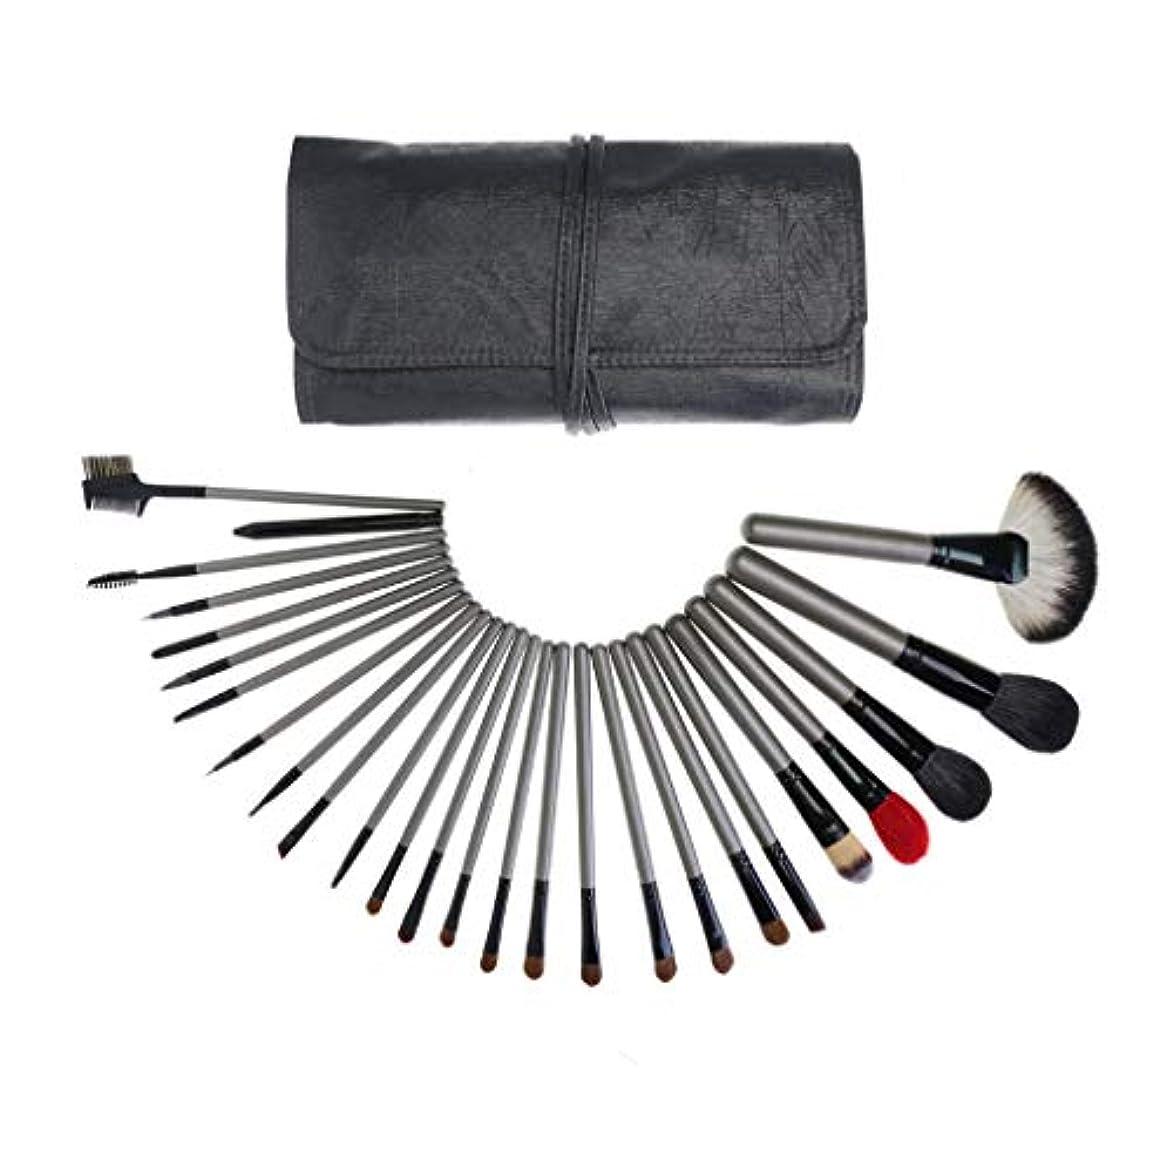 故意に王朝サスティーン初心者のための26の化粧ブラシセット美容ツール